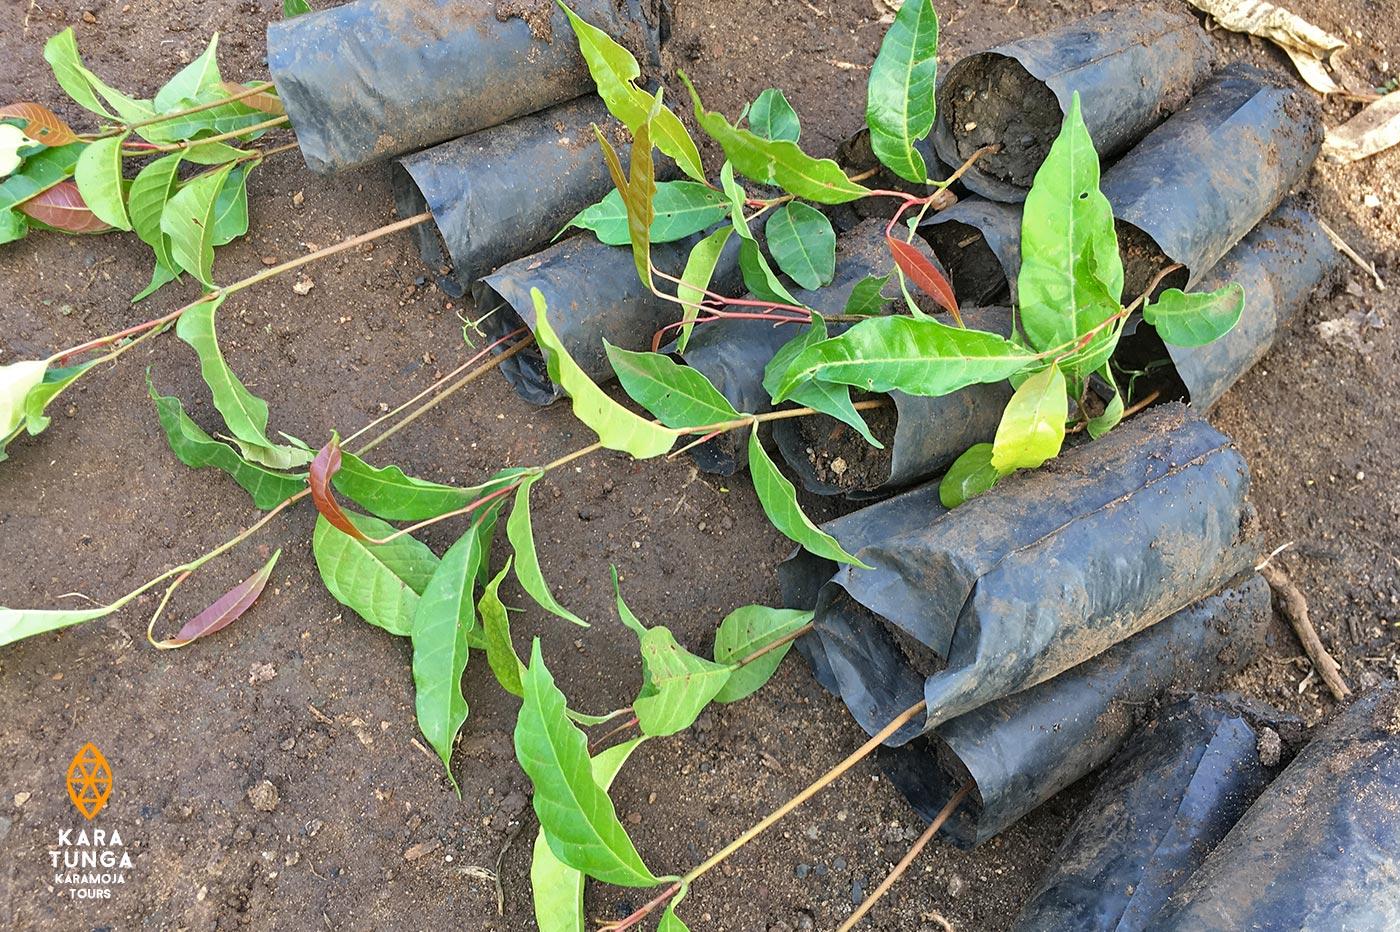 kara-tunga-tree-planting-2